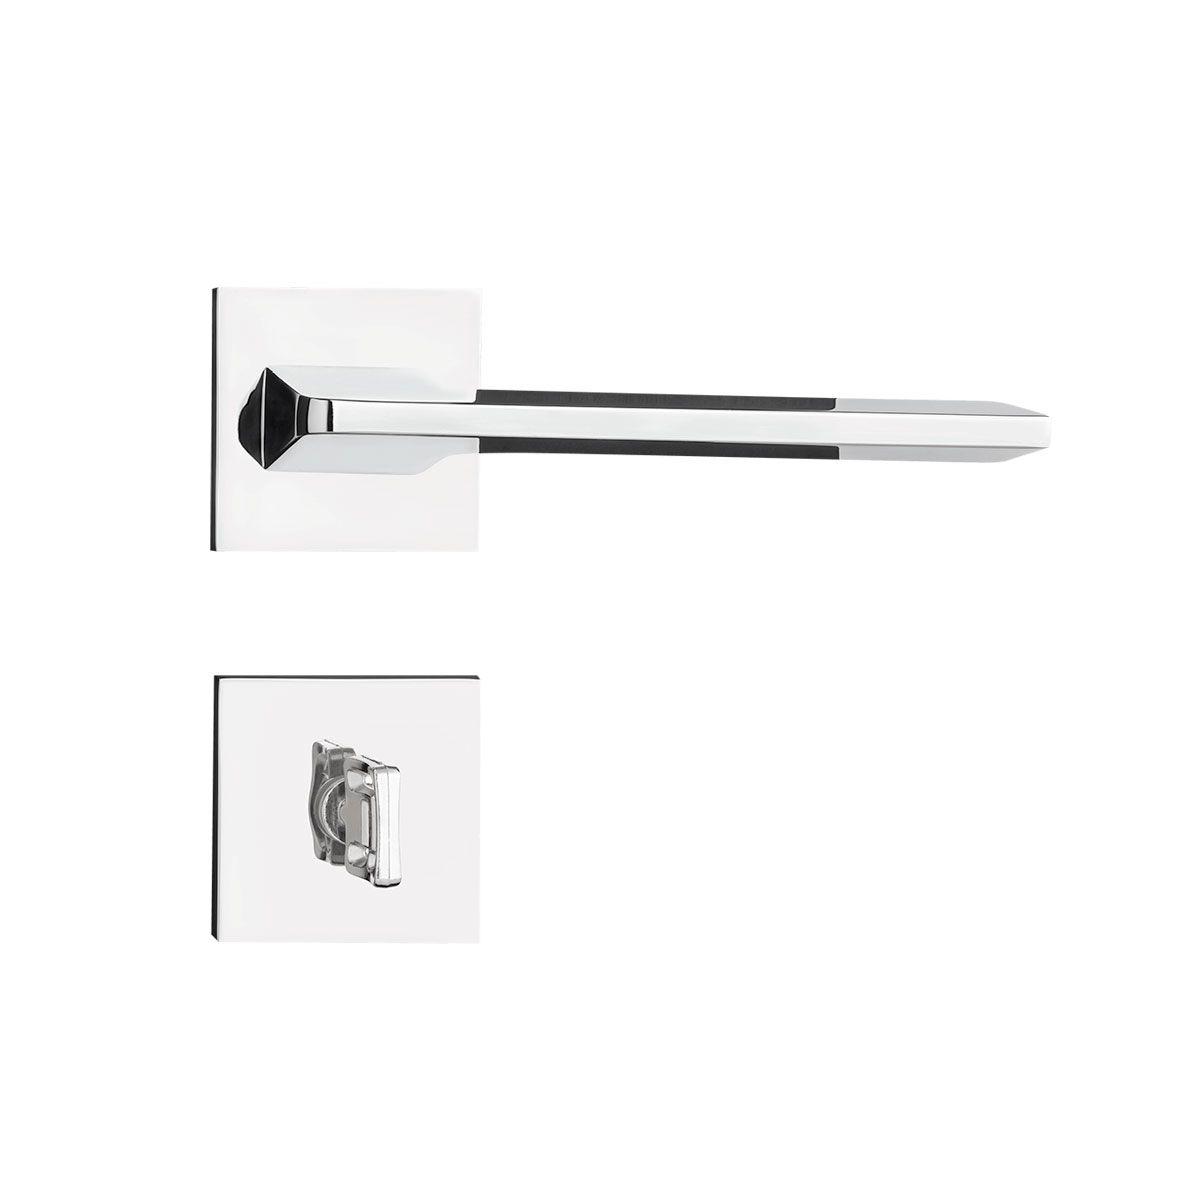 Fechadura Banheiro Pado Sara Roseta Quadrada Cromada 55mm